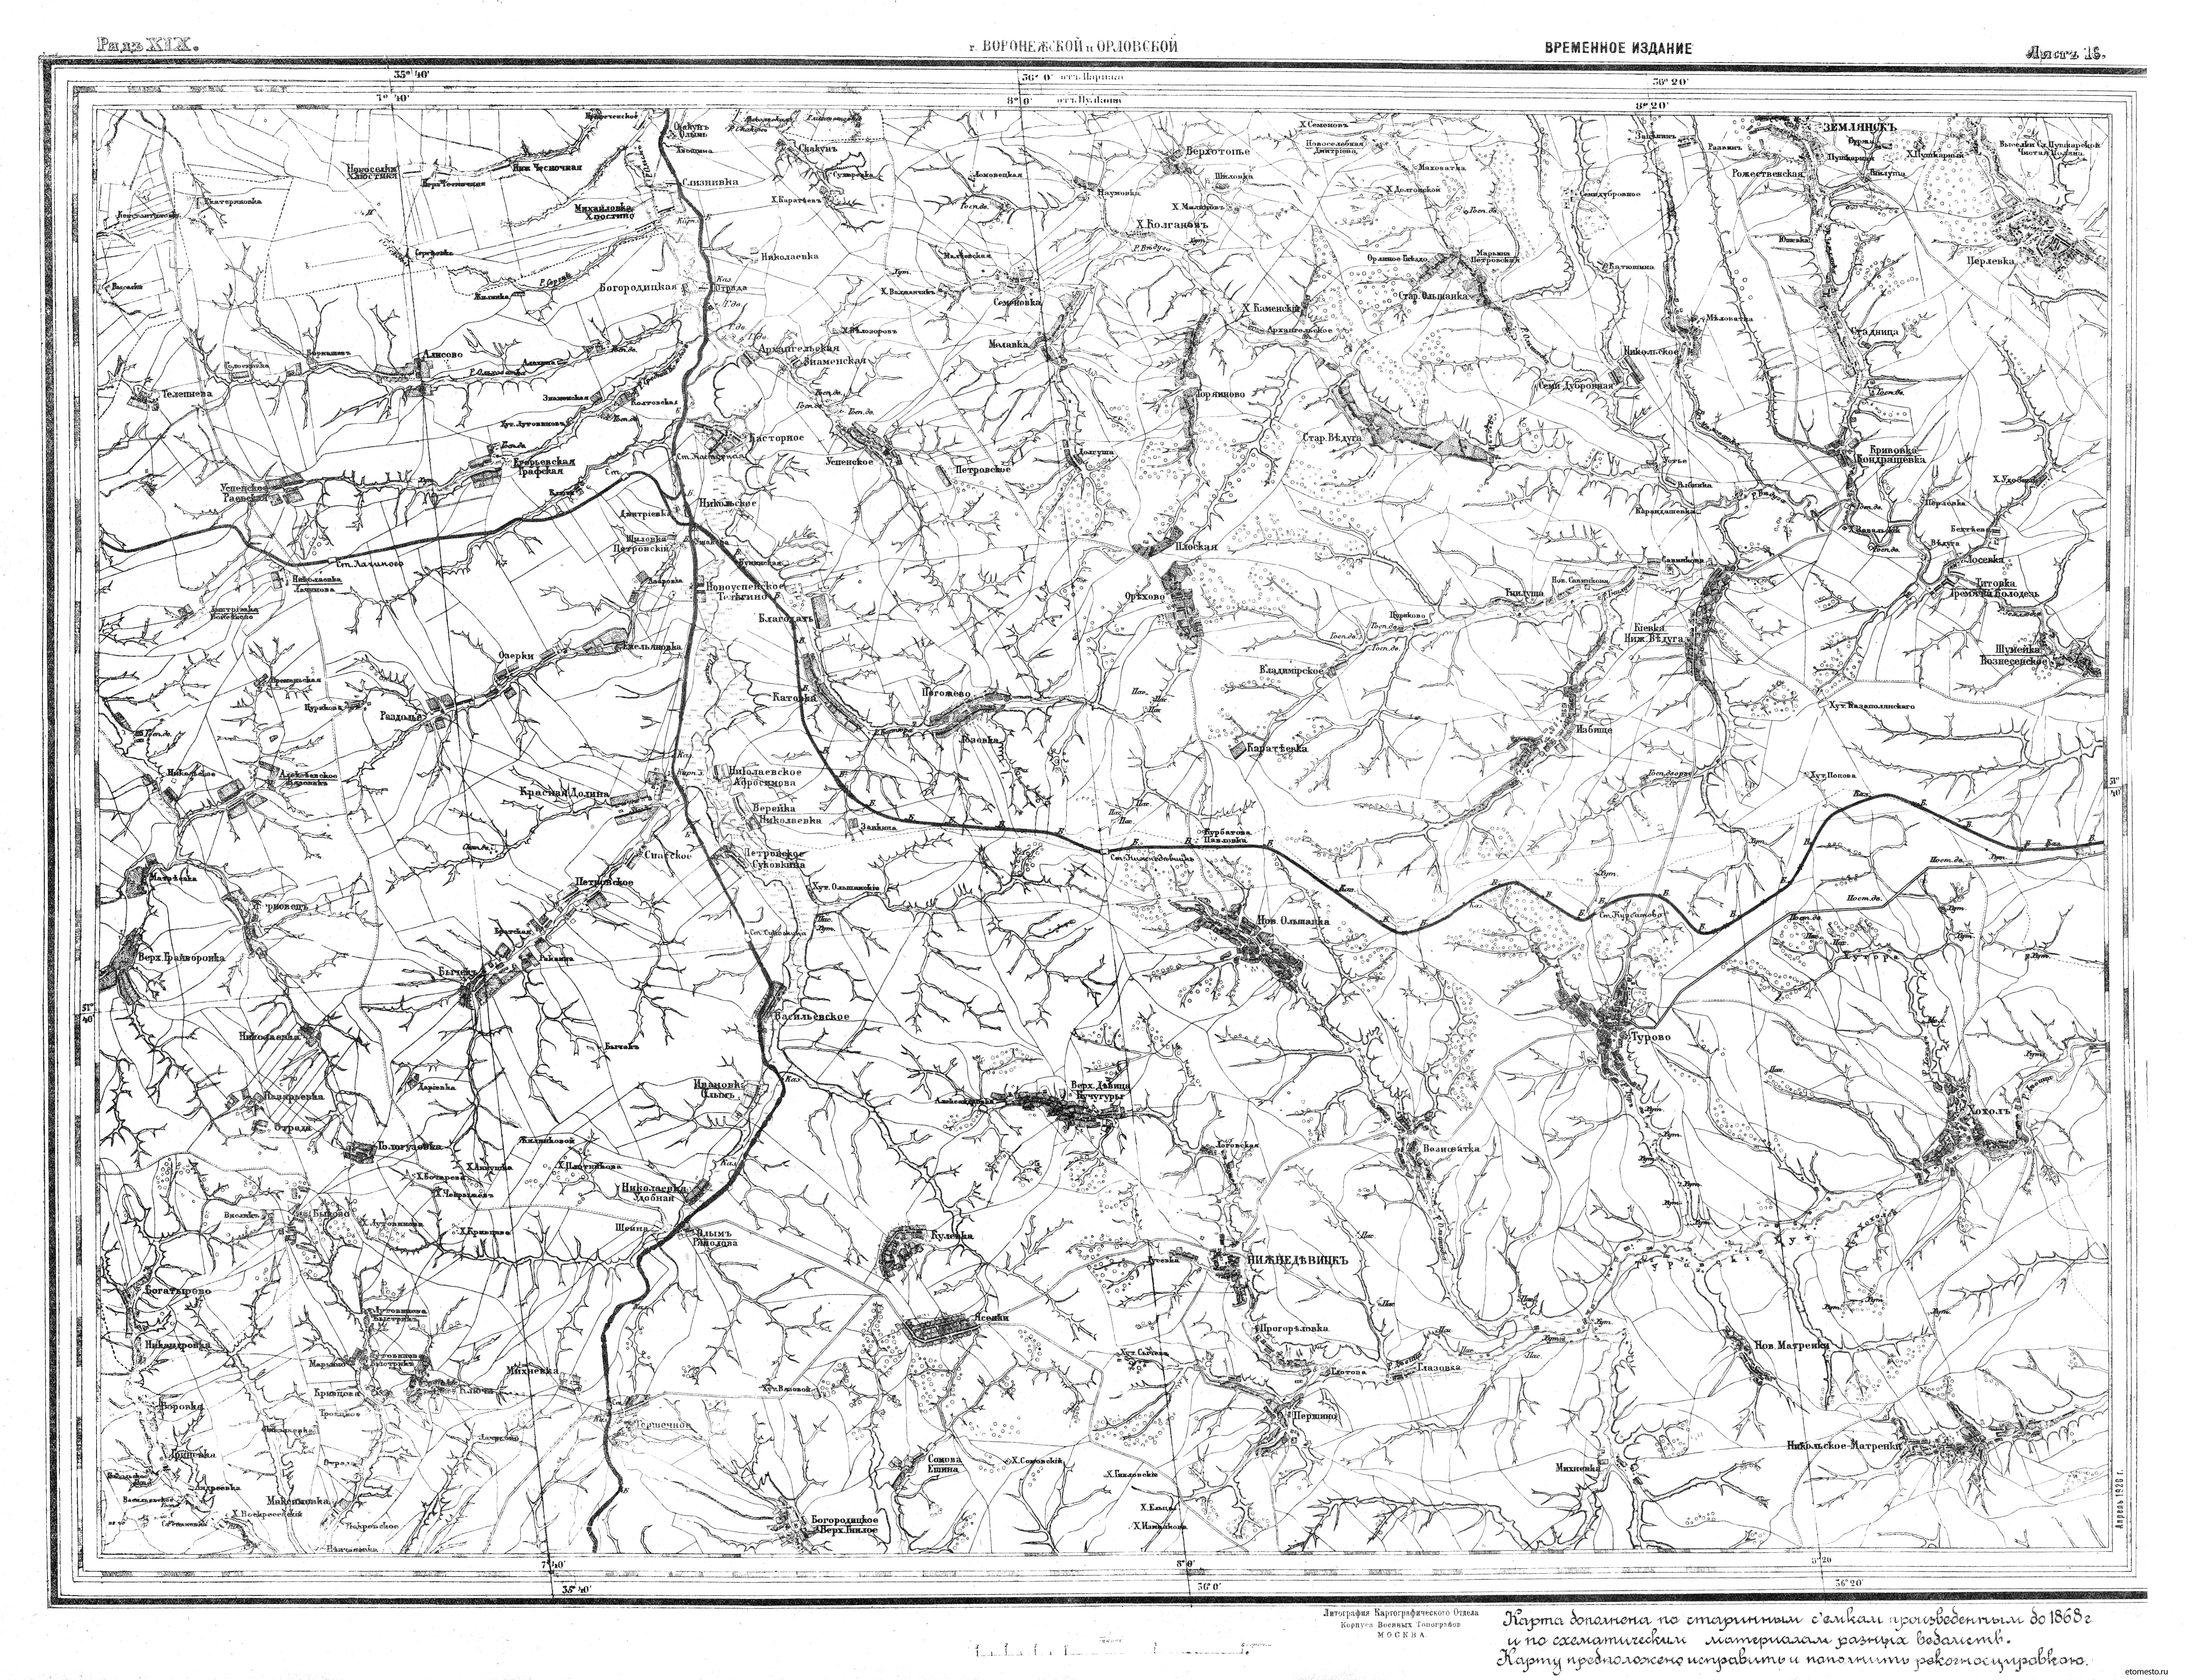 Карты шуберта воронежская губерния 1 коп 1980 года цена